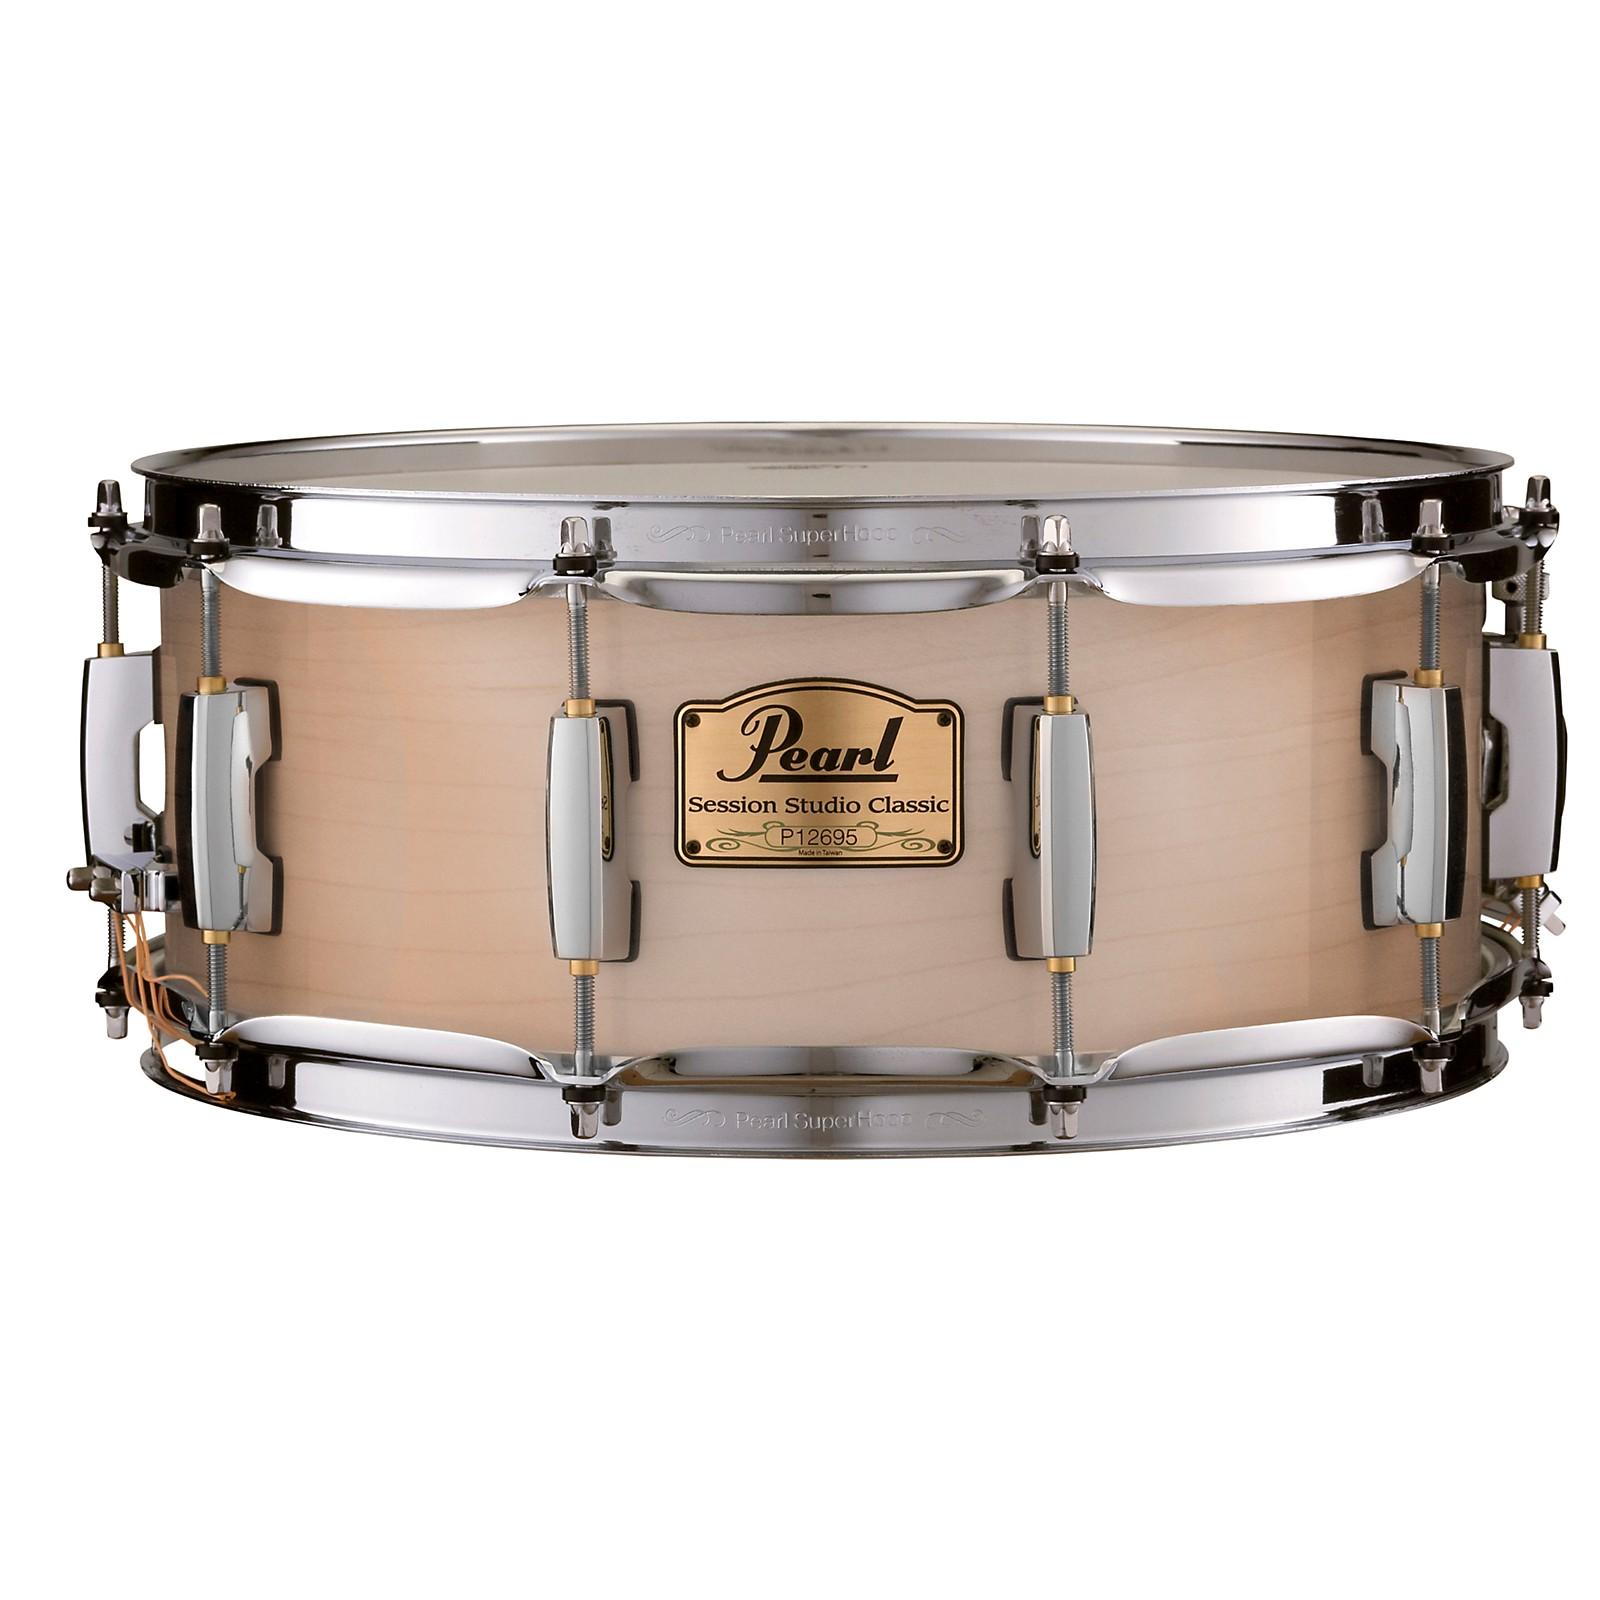 Pearl Session Studio Classic Snare